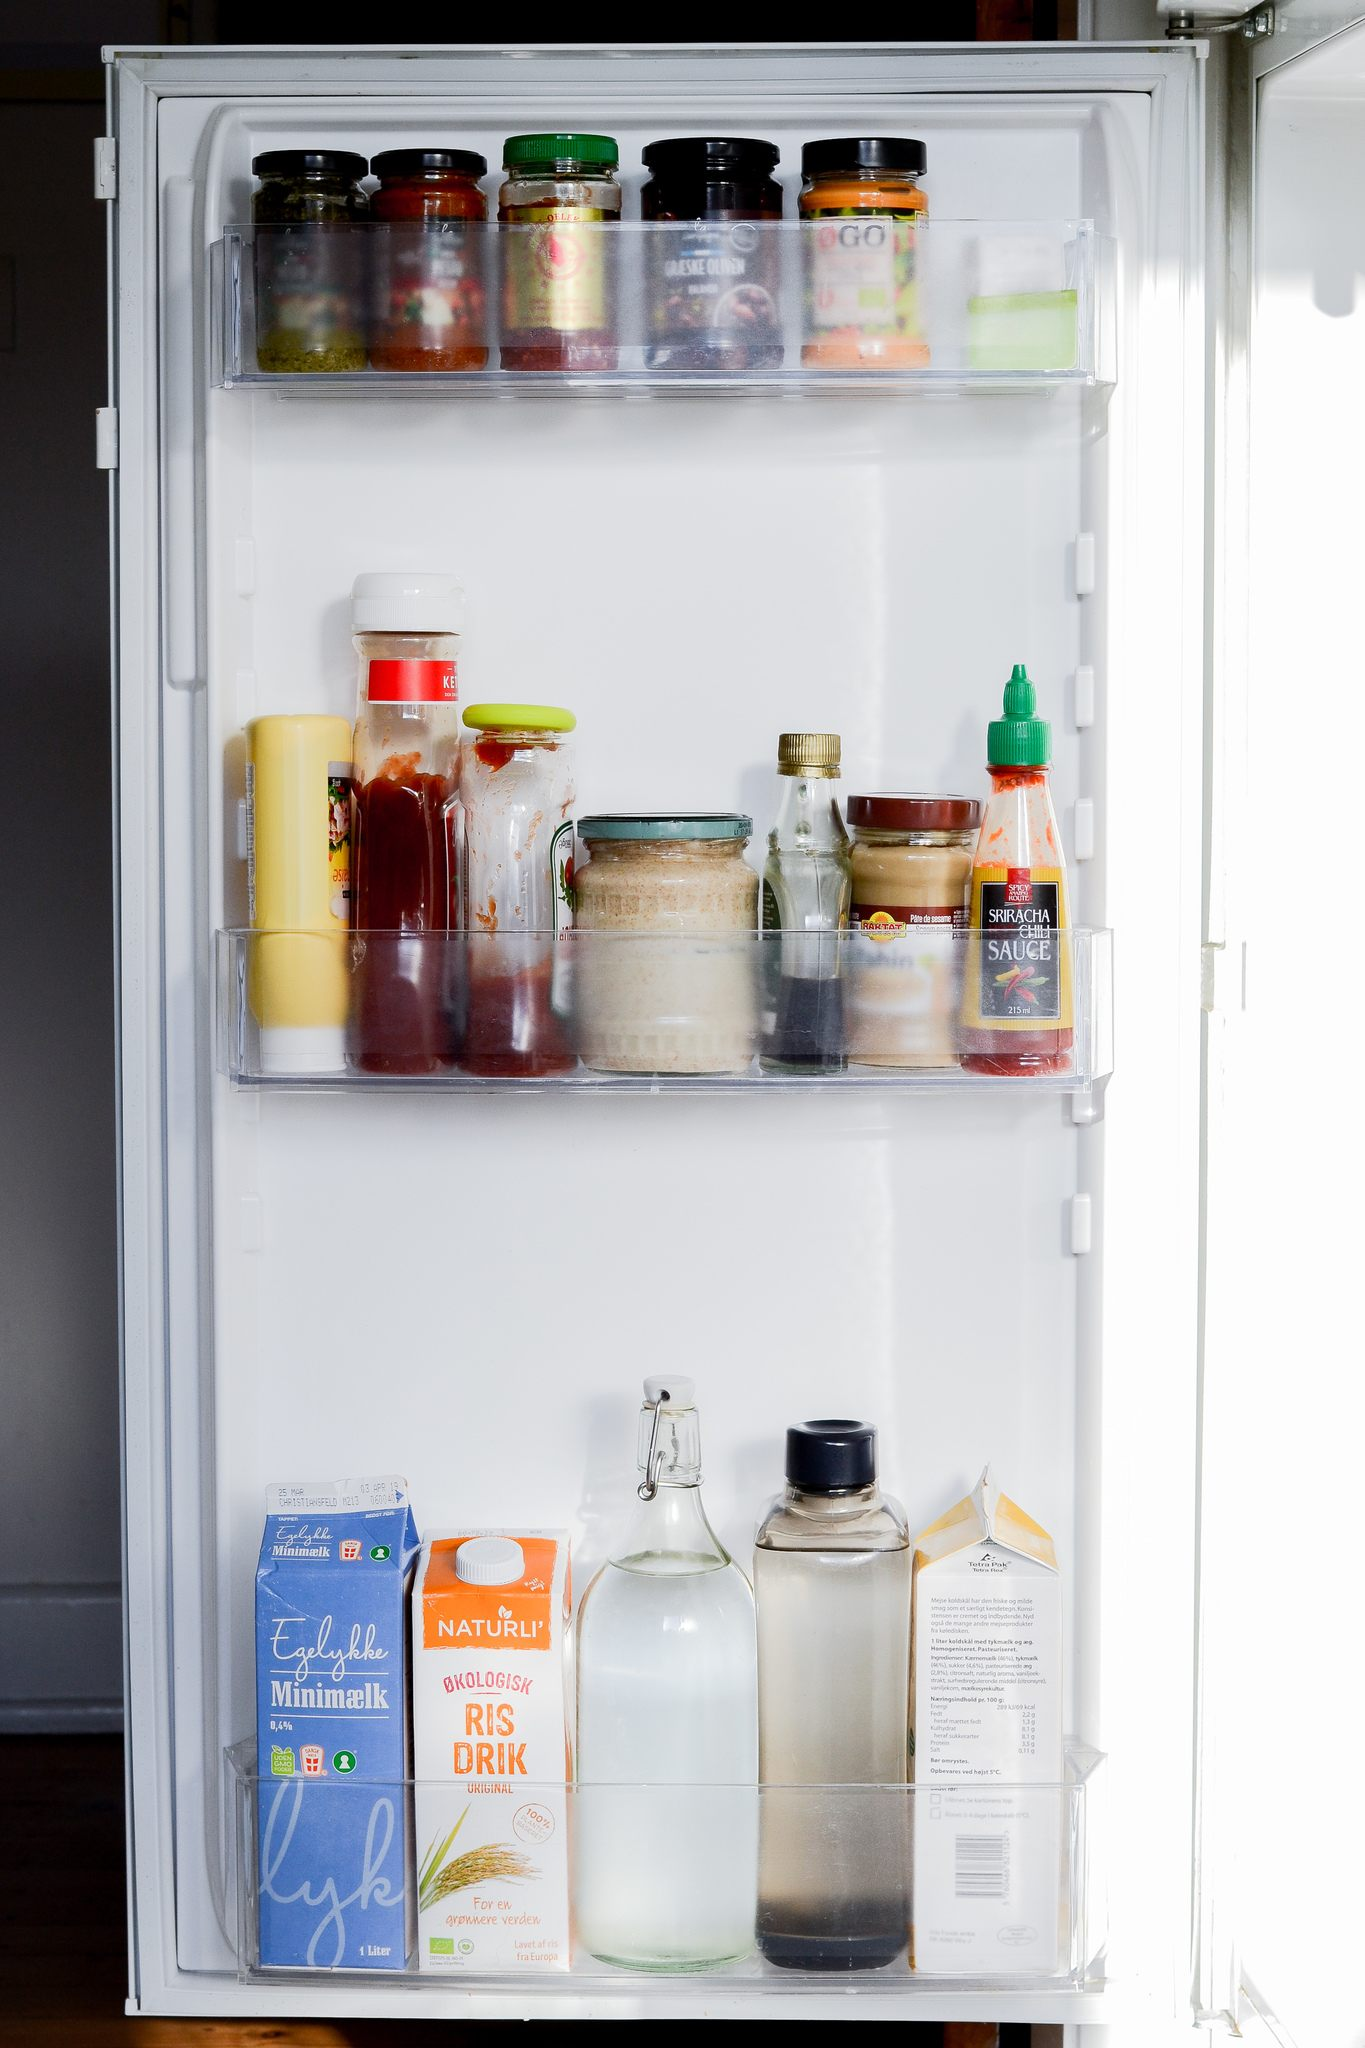 Vis mig dit køleskab: Anna - grødgris og madblogger på SU 4